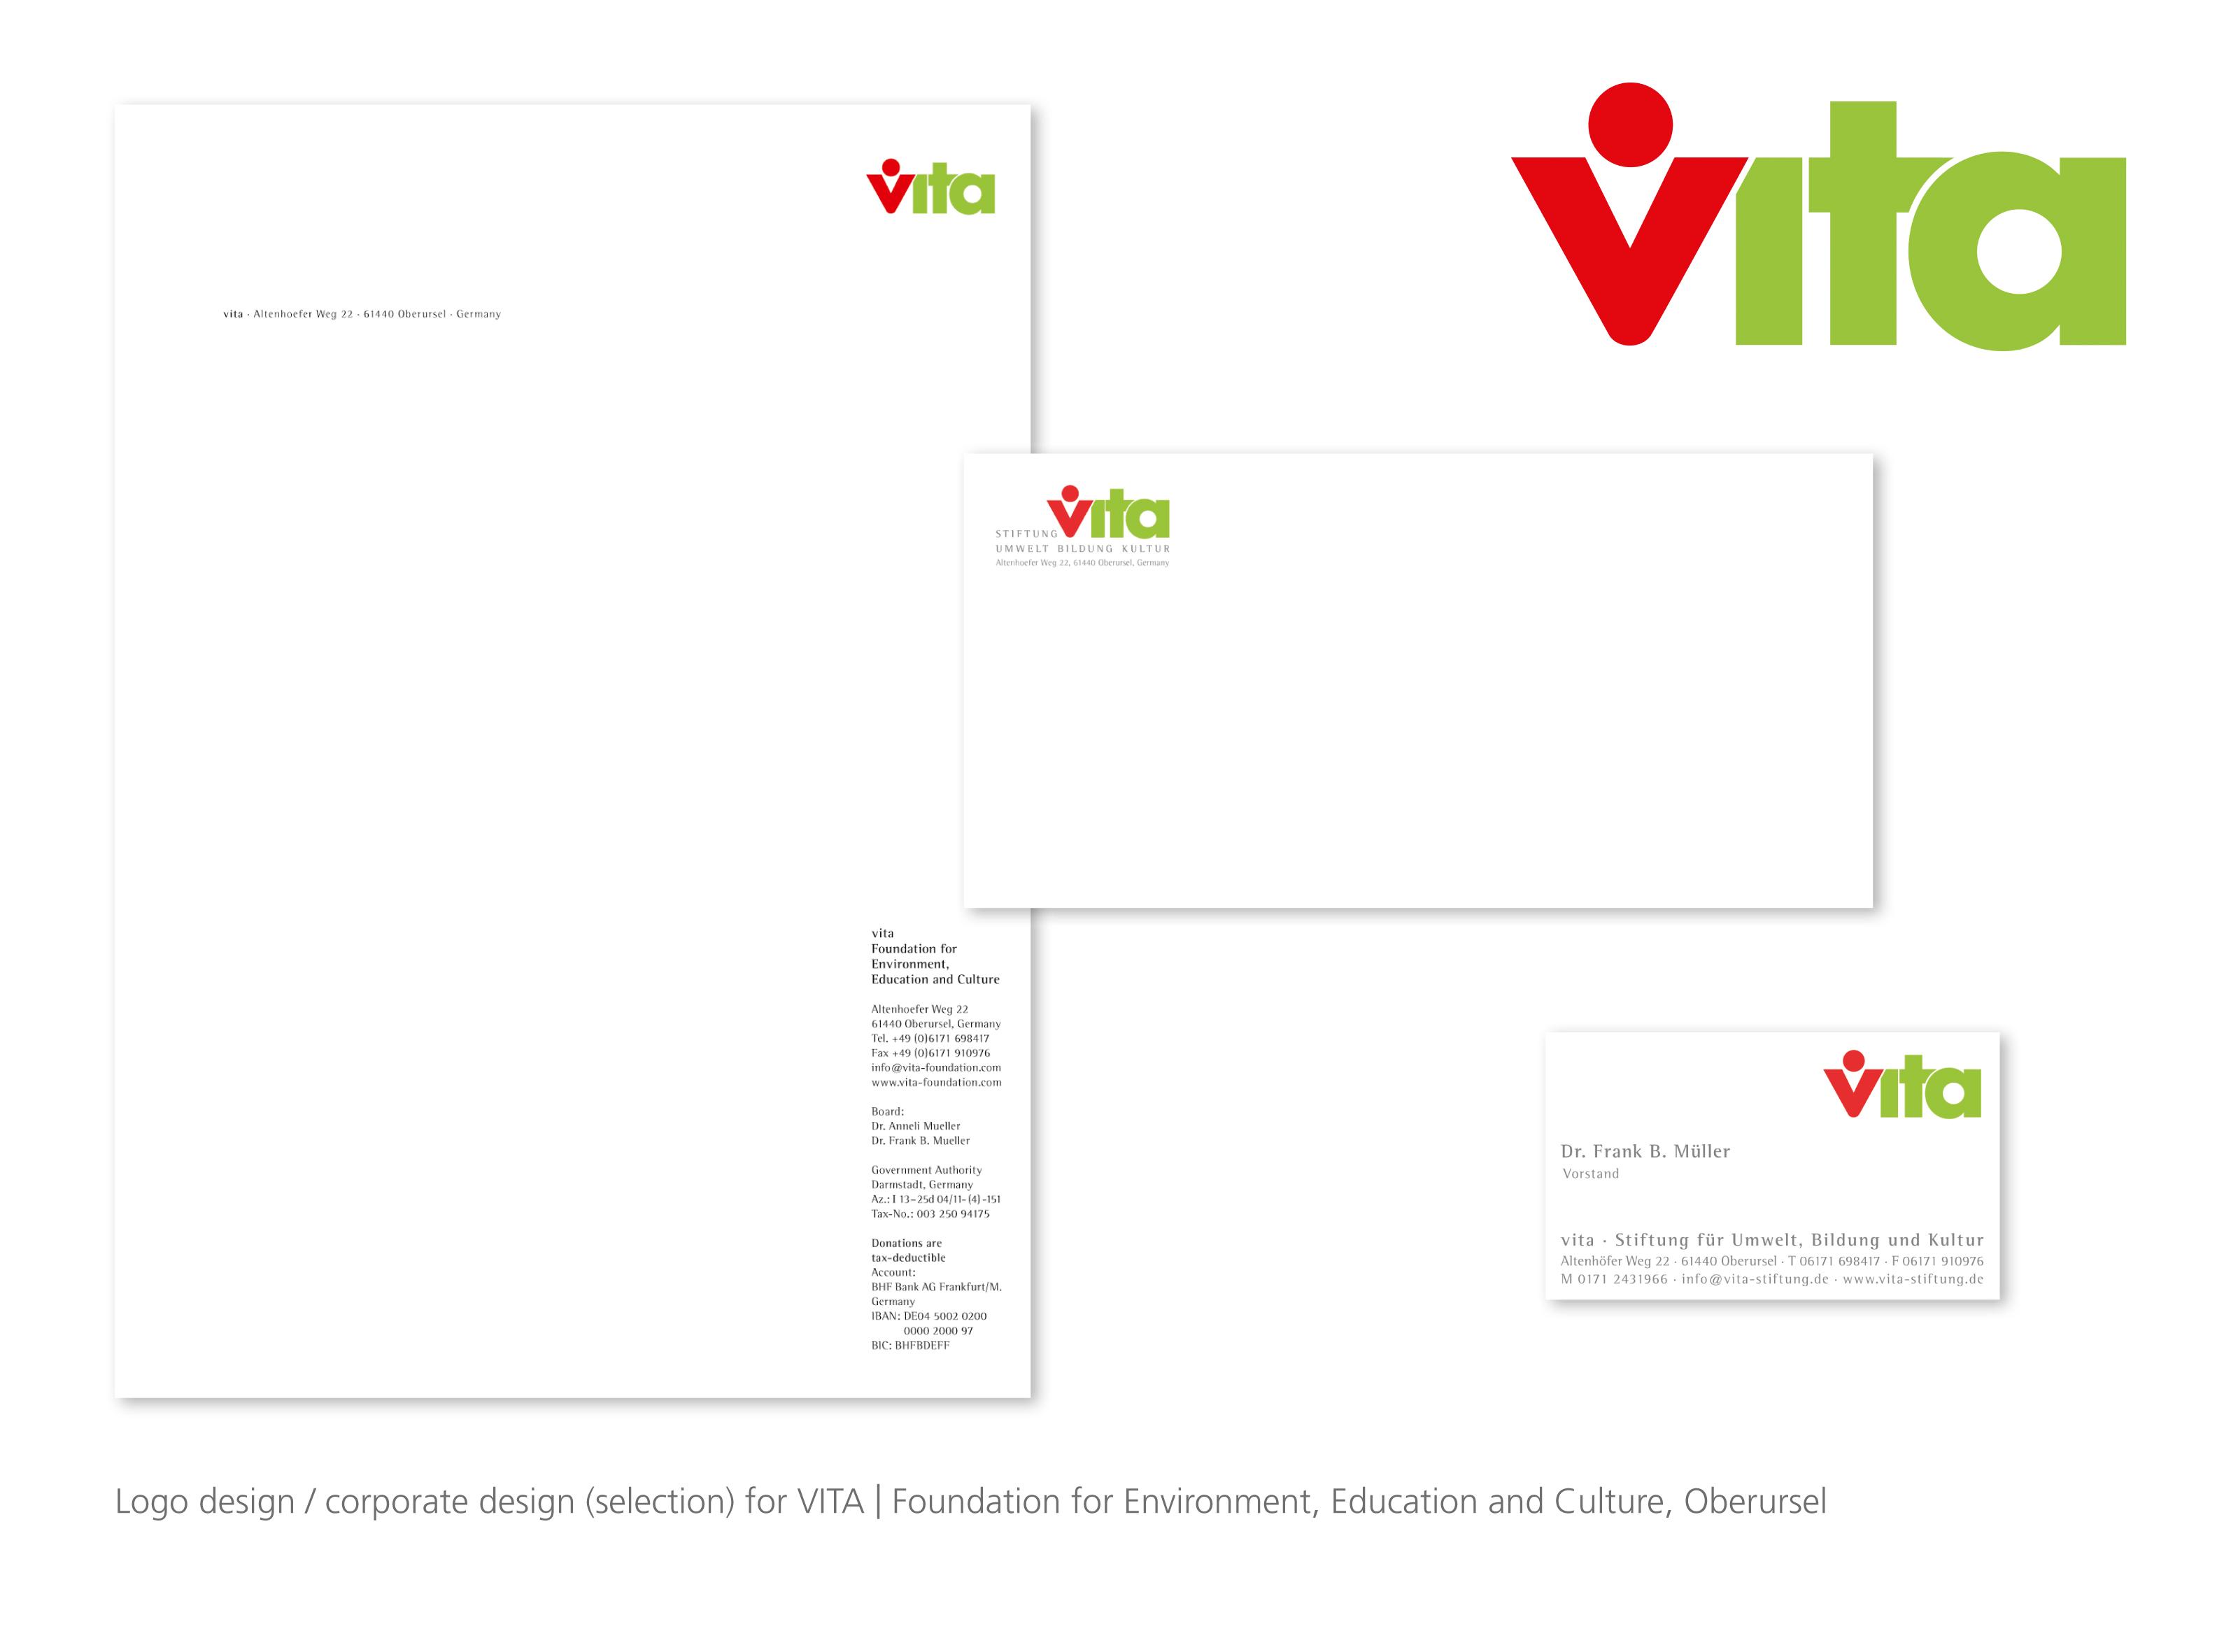 Corporate_Design_E_2_vita